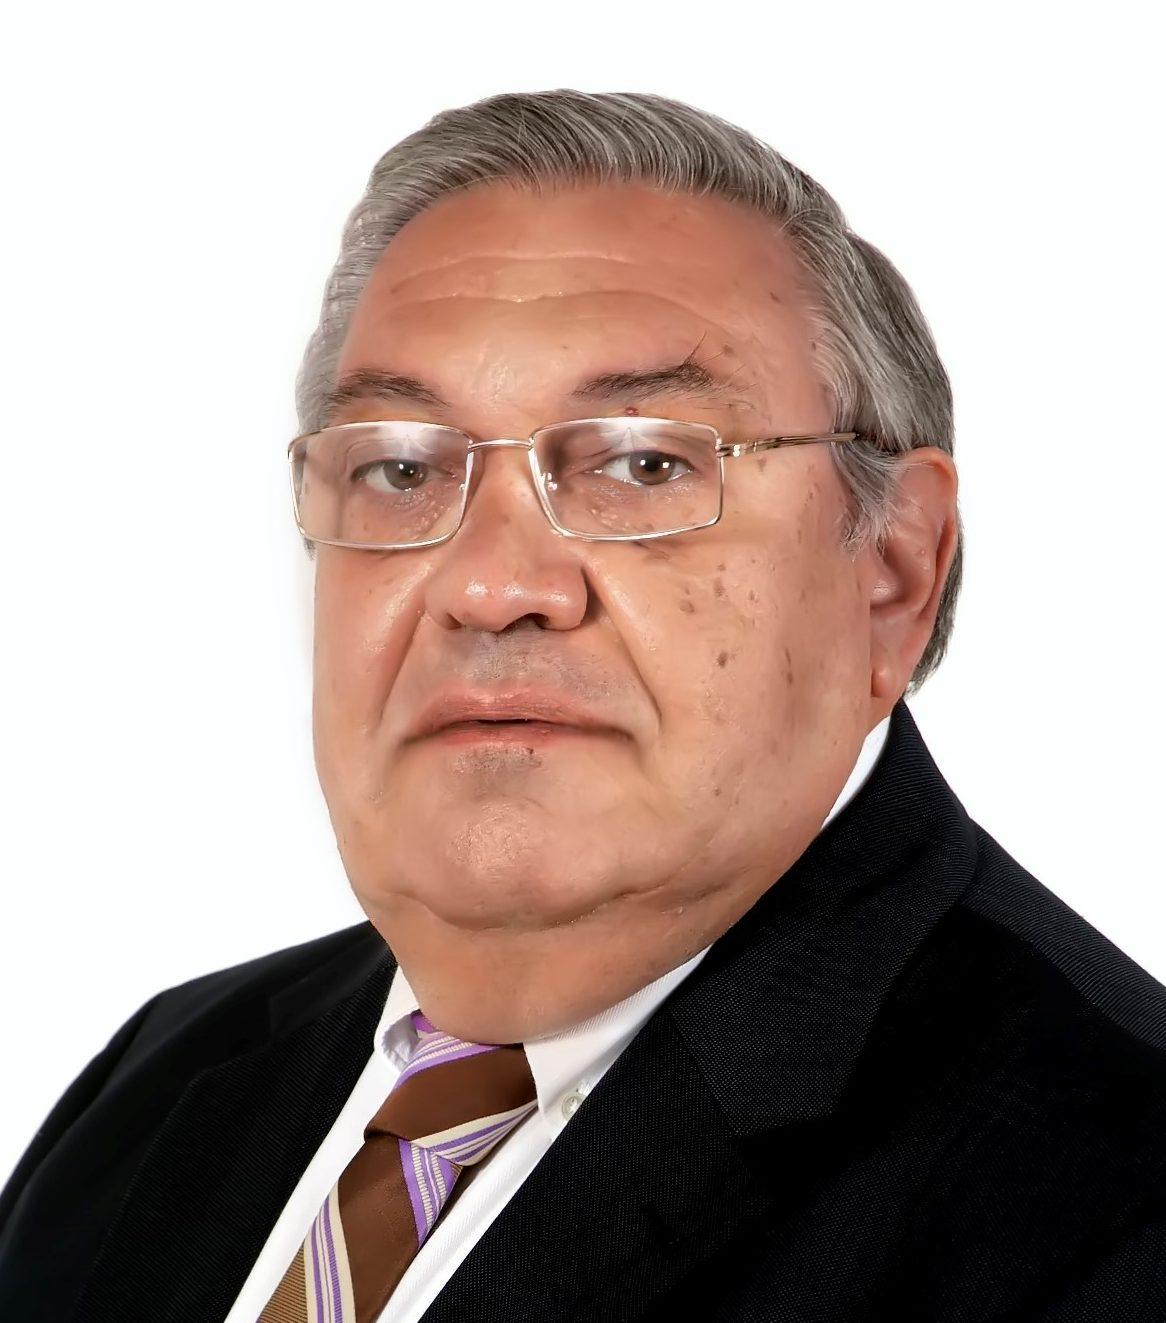 Candidato Luis Chula